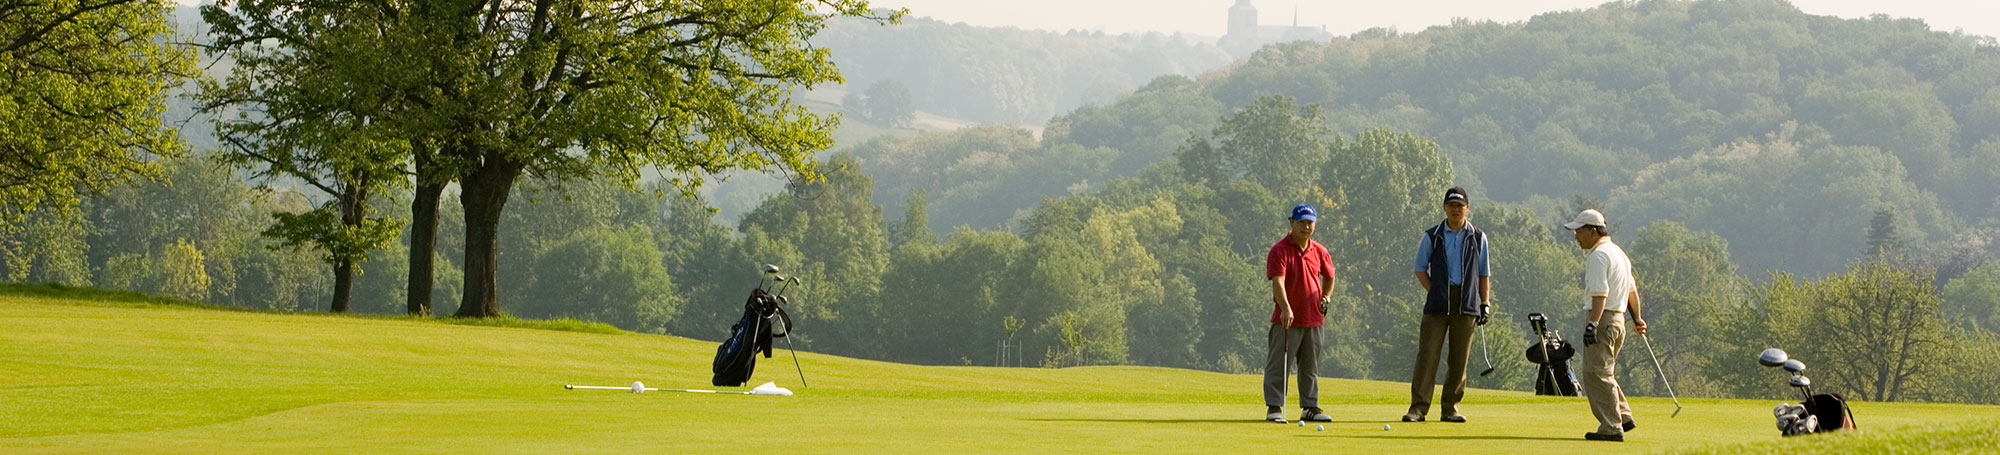 Golfclub Wittem